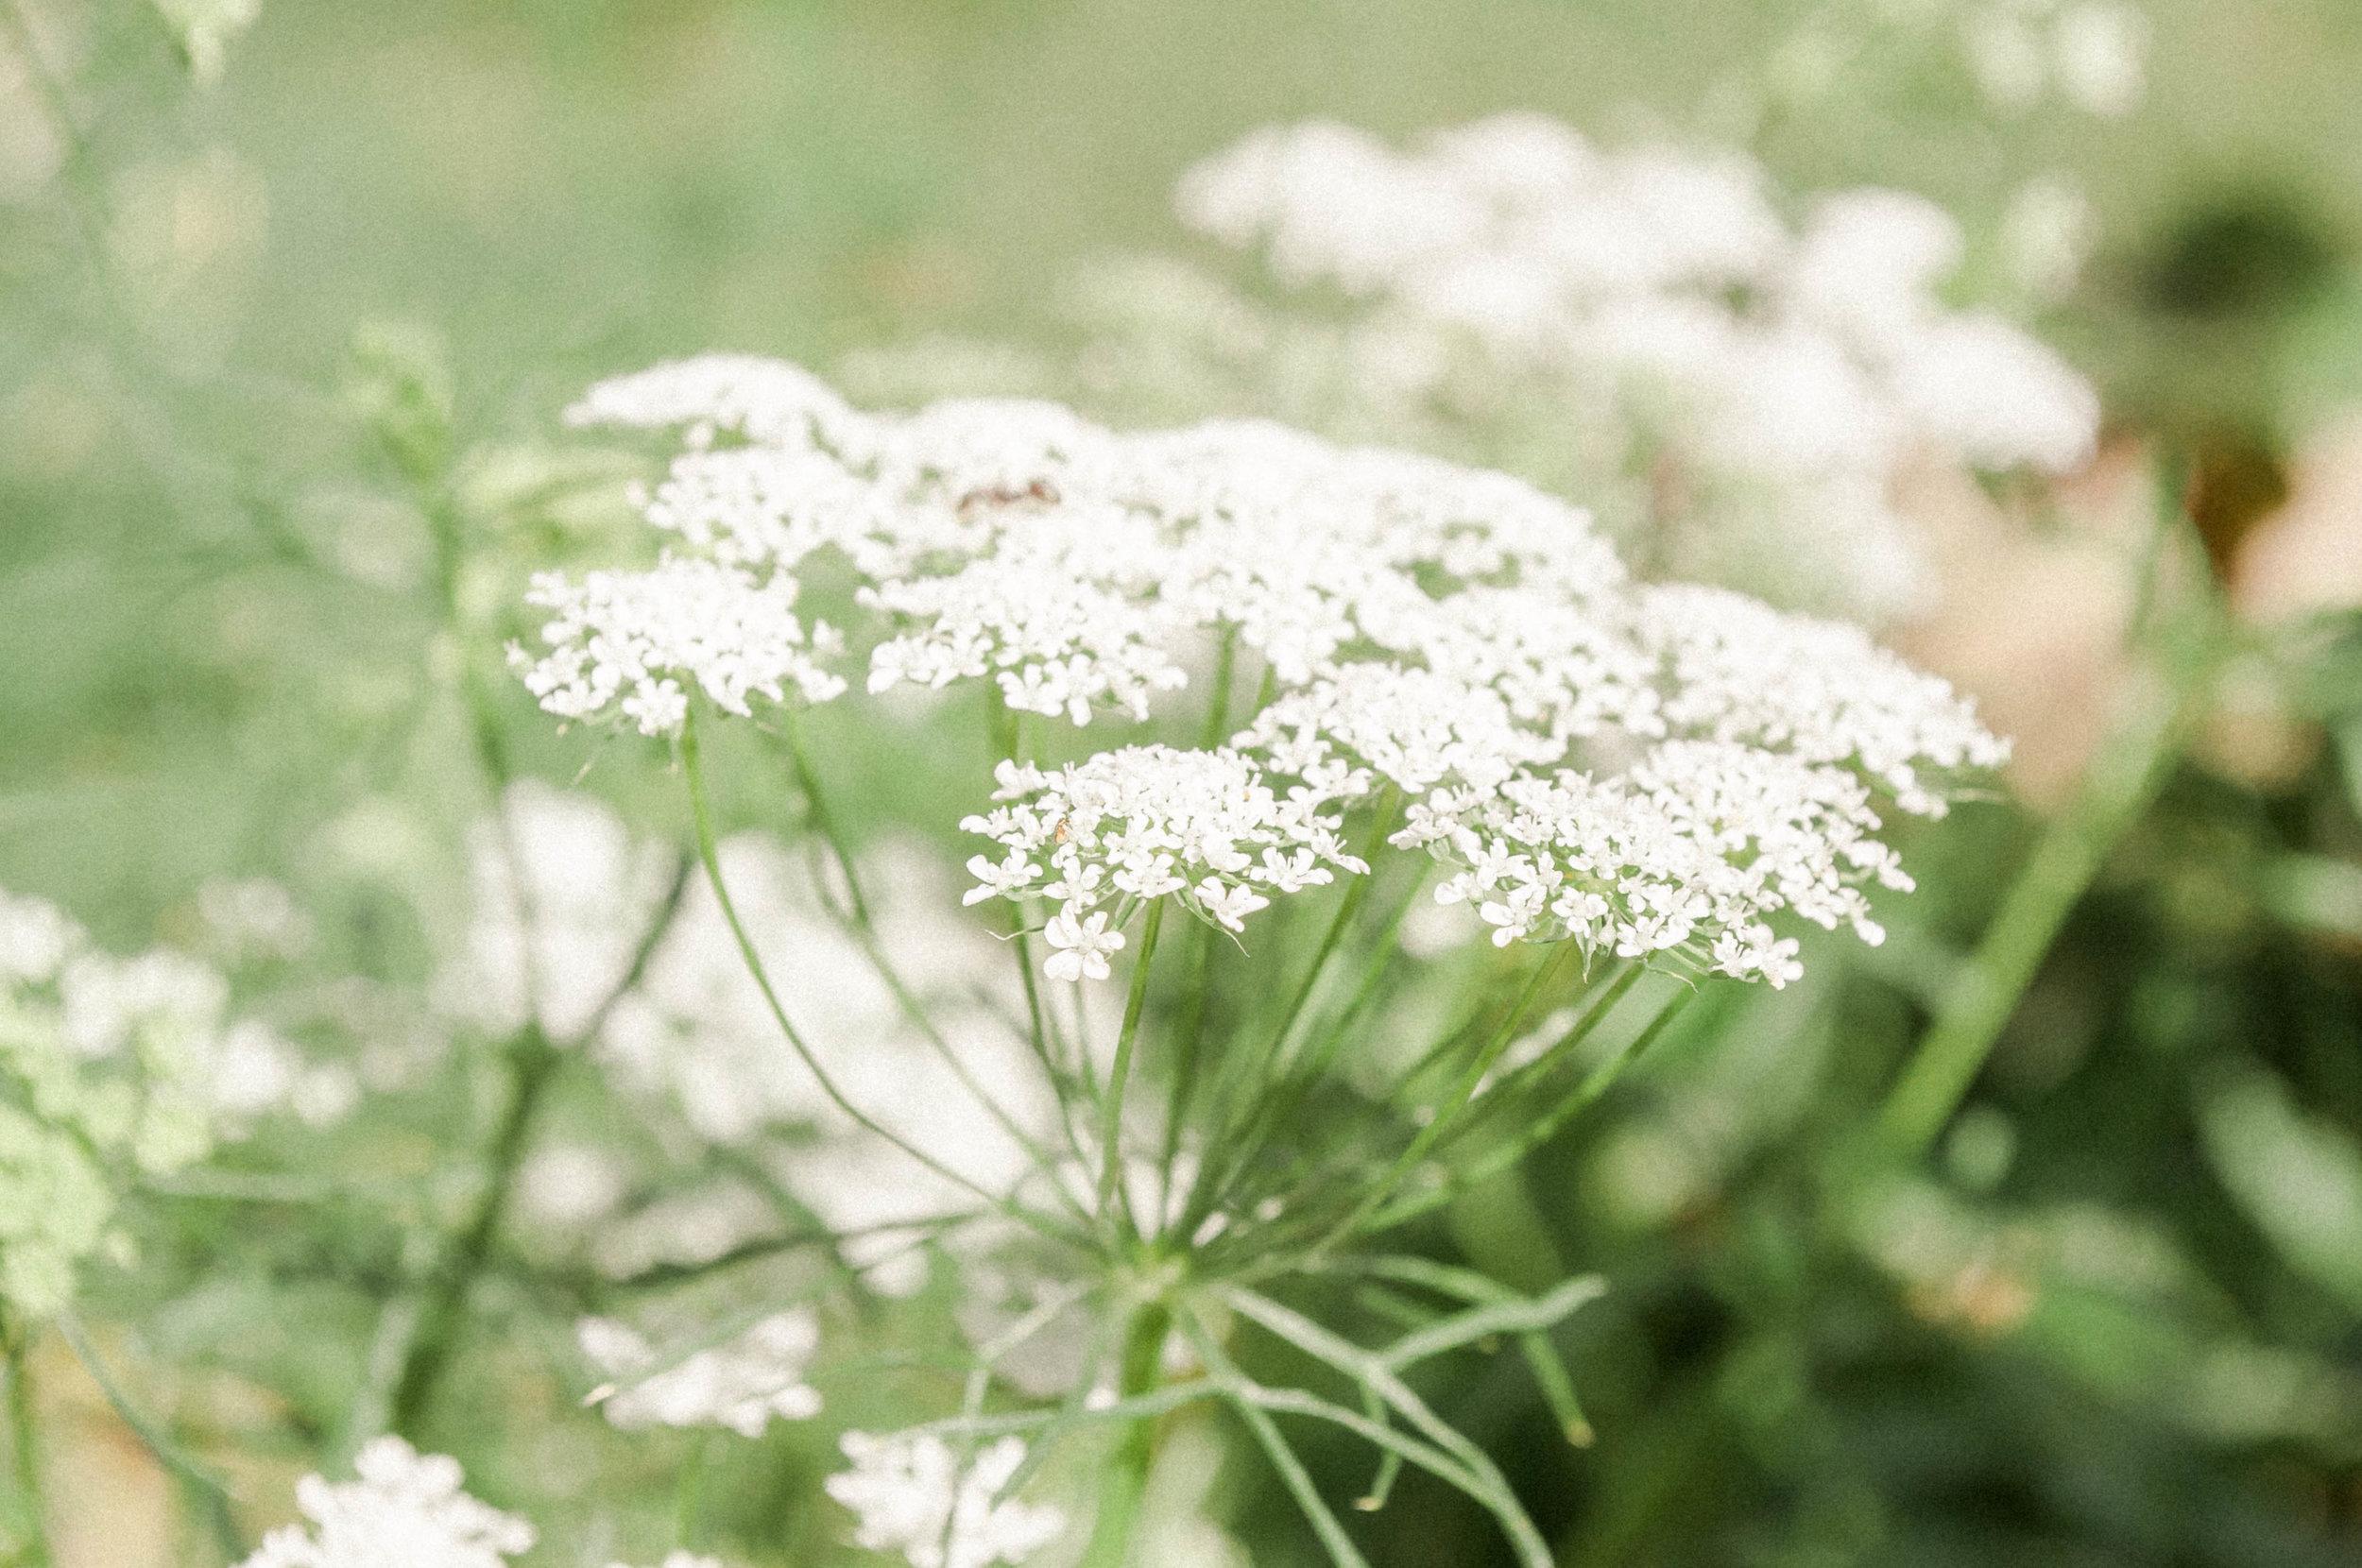 gardenaug3_queenanneslace2-5.jpg